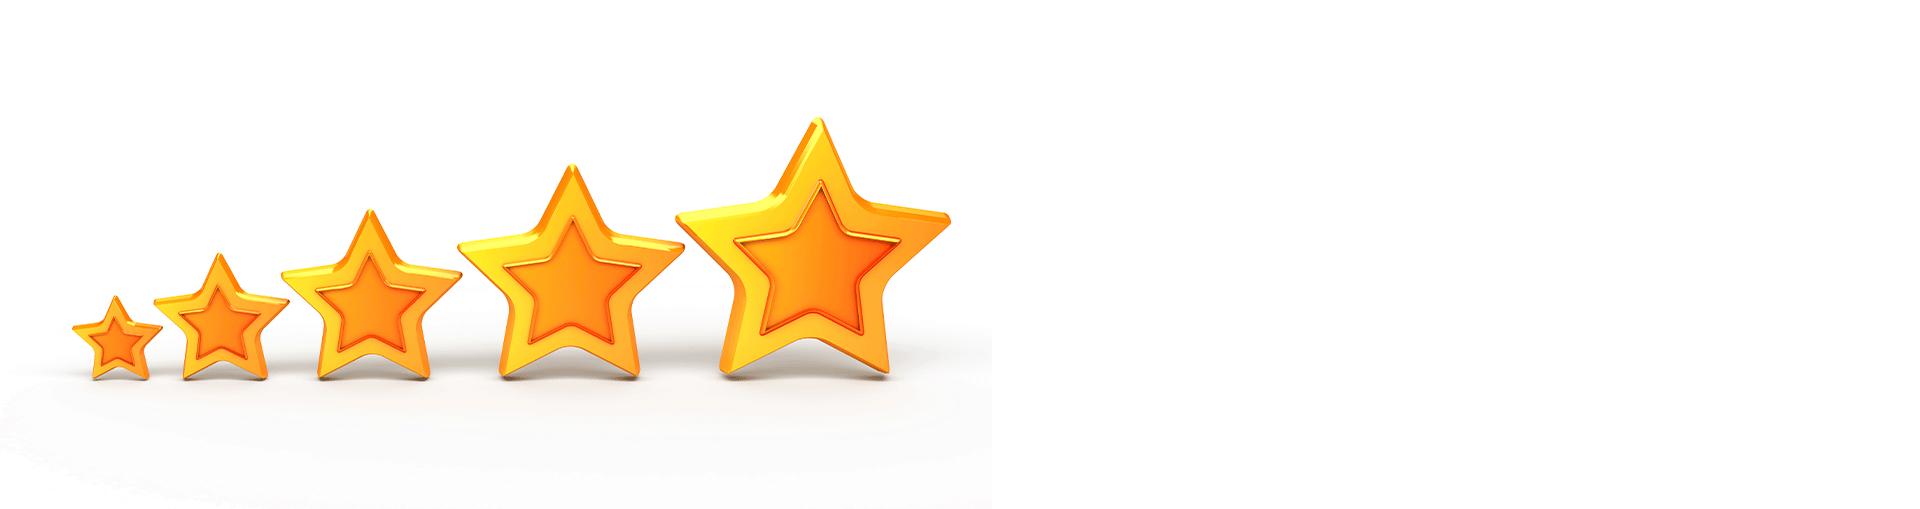 Slika simbolizira našu uspješnost i recenziju naših klijenata.